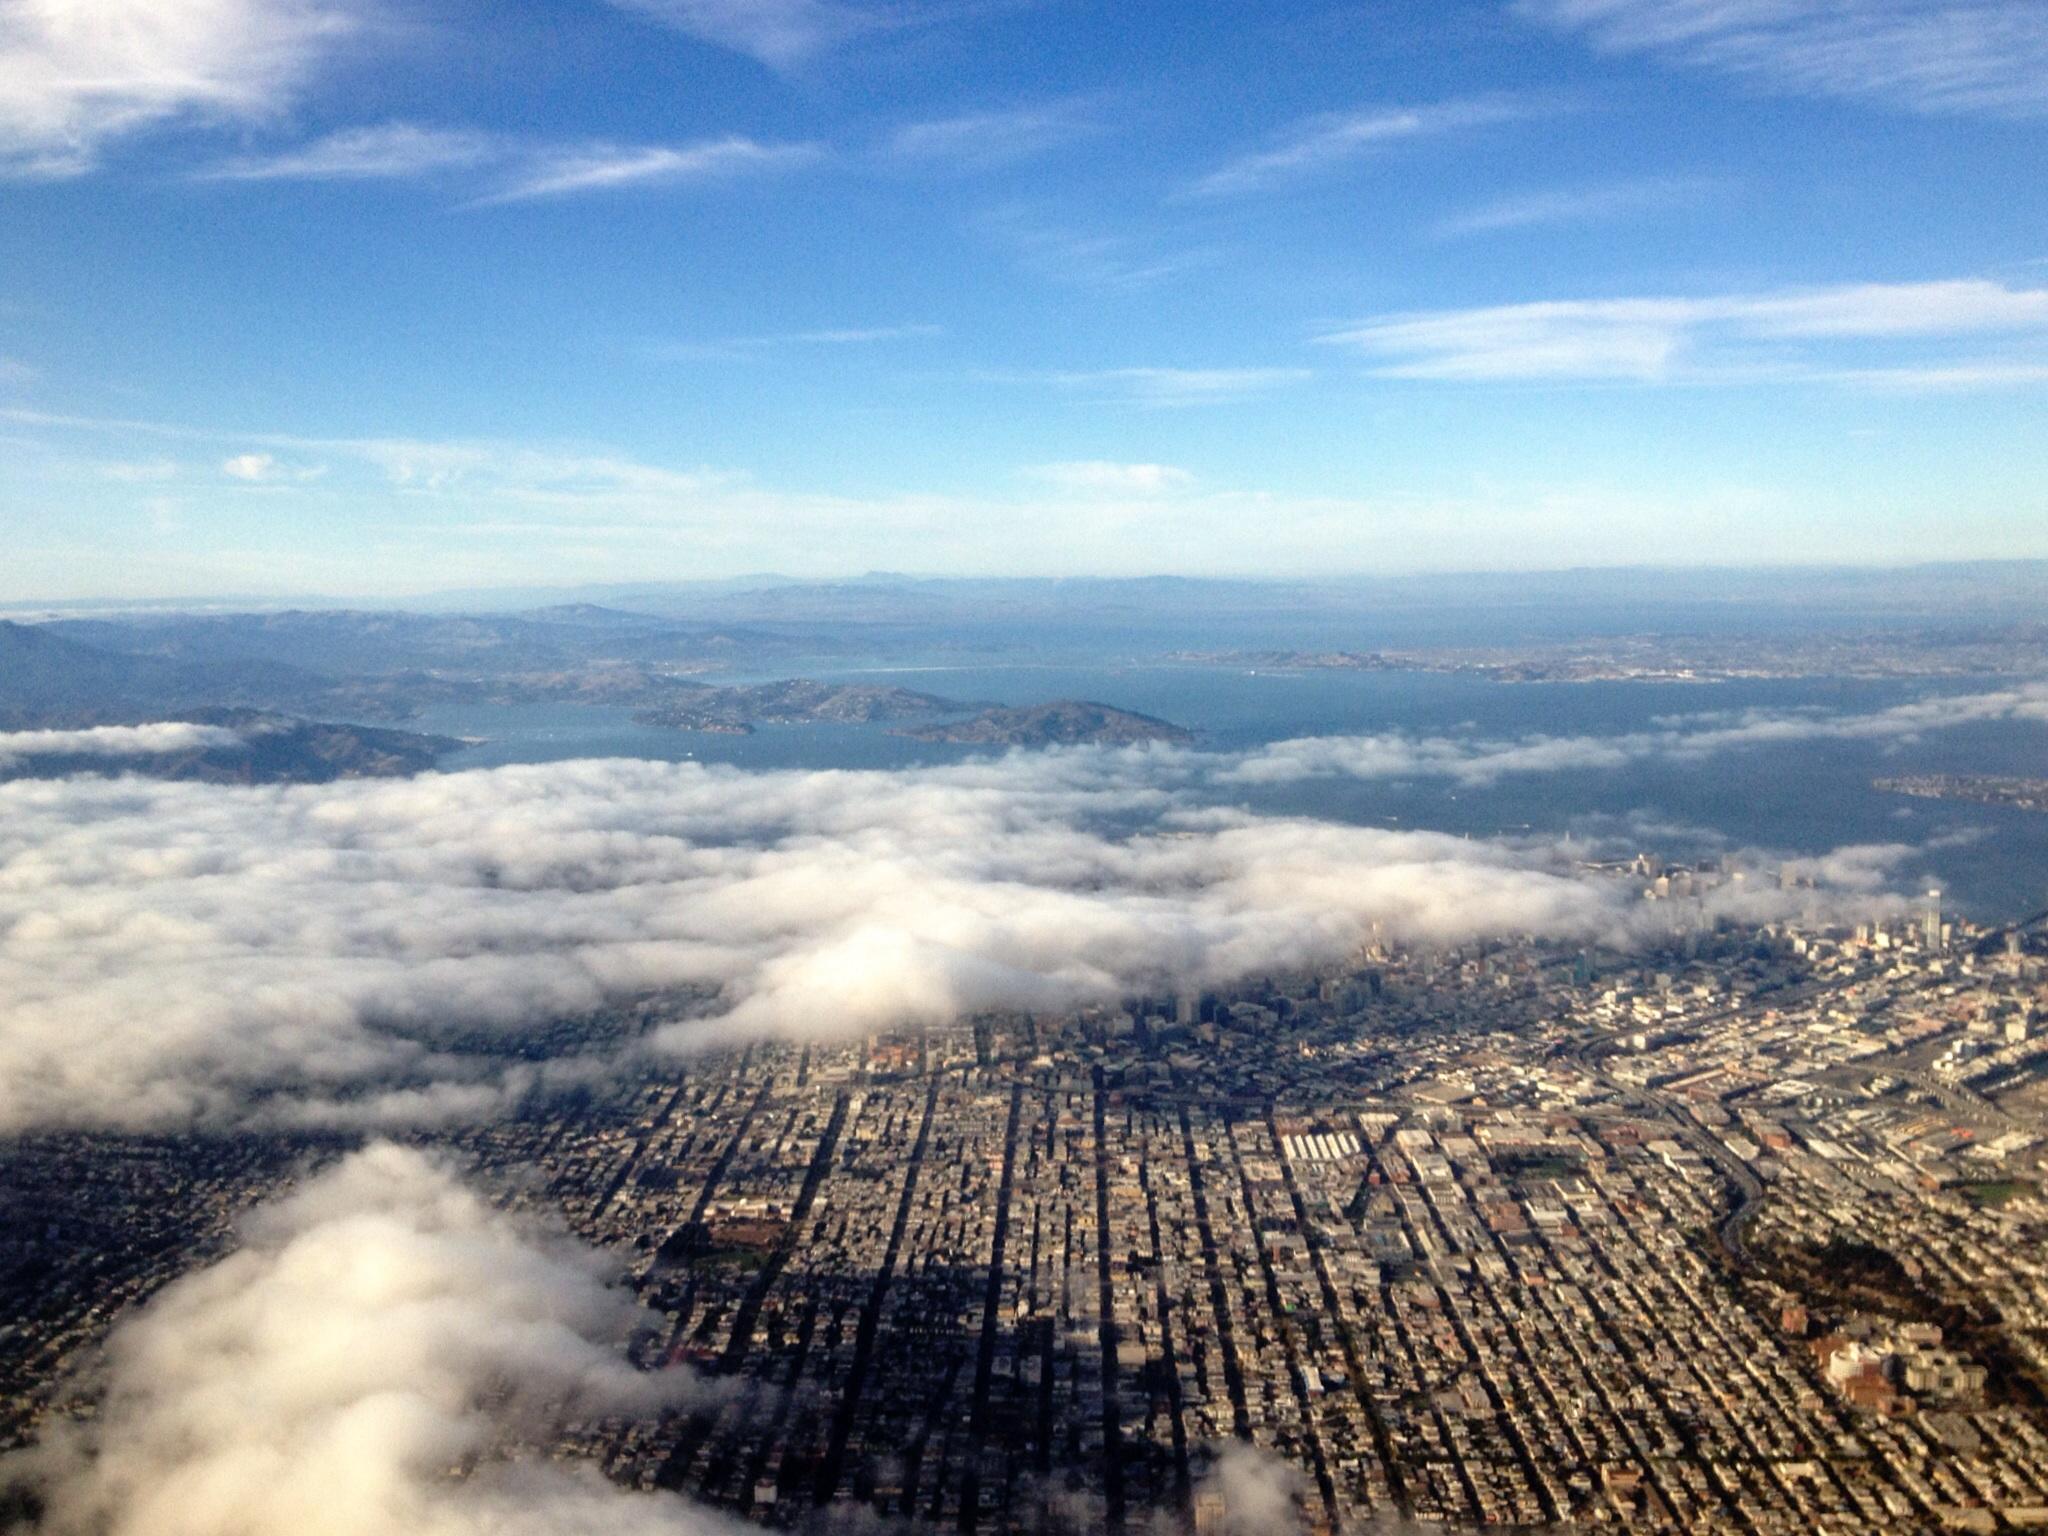 San Francisco aus der Vogelperspektive